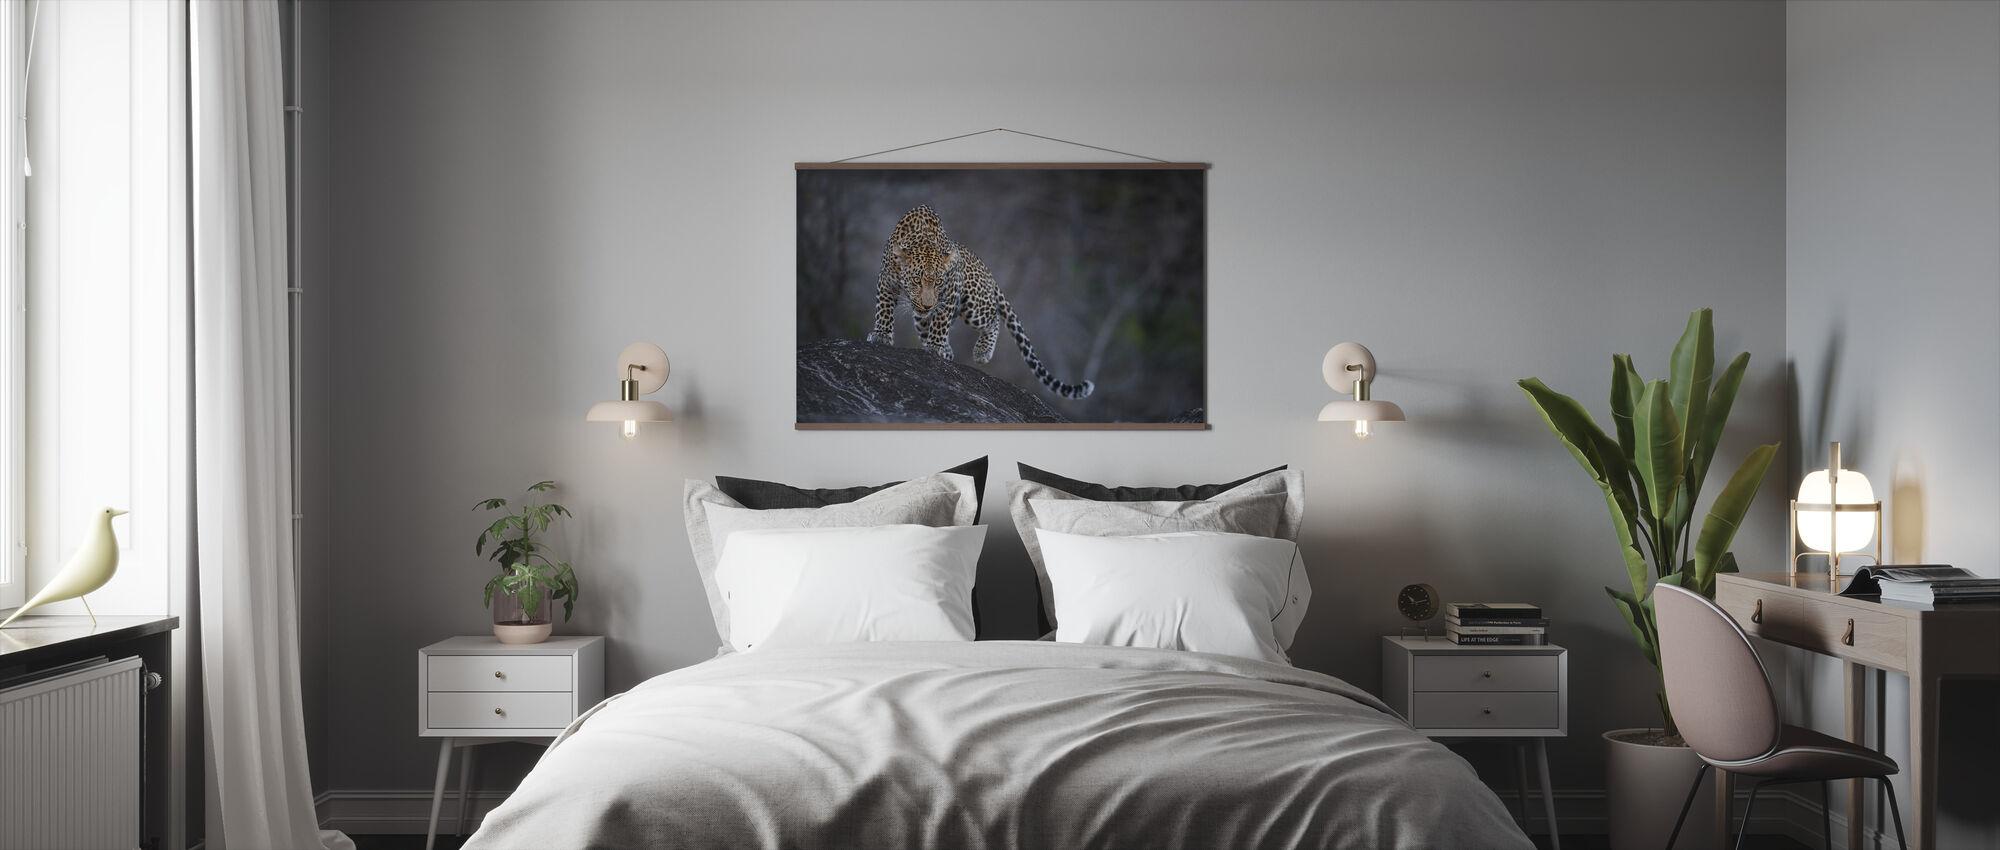 Luipaard op een rots - Poster - Slaapkamer